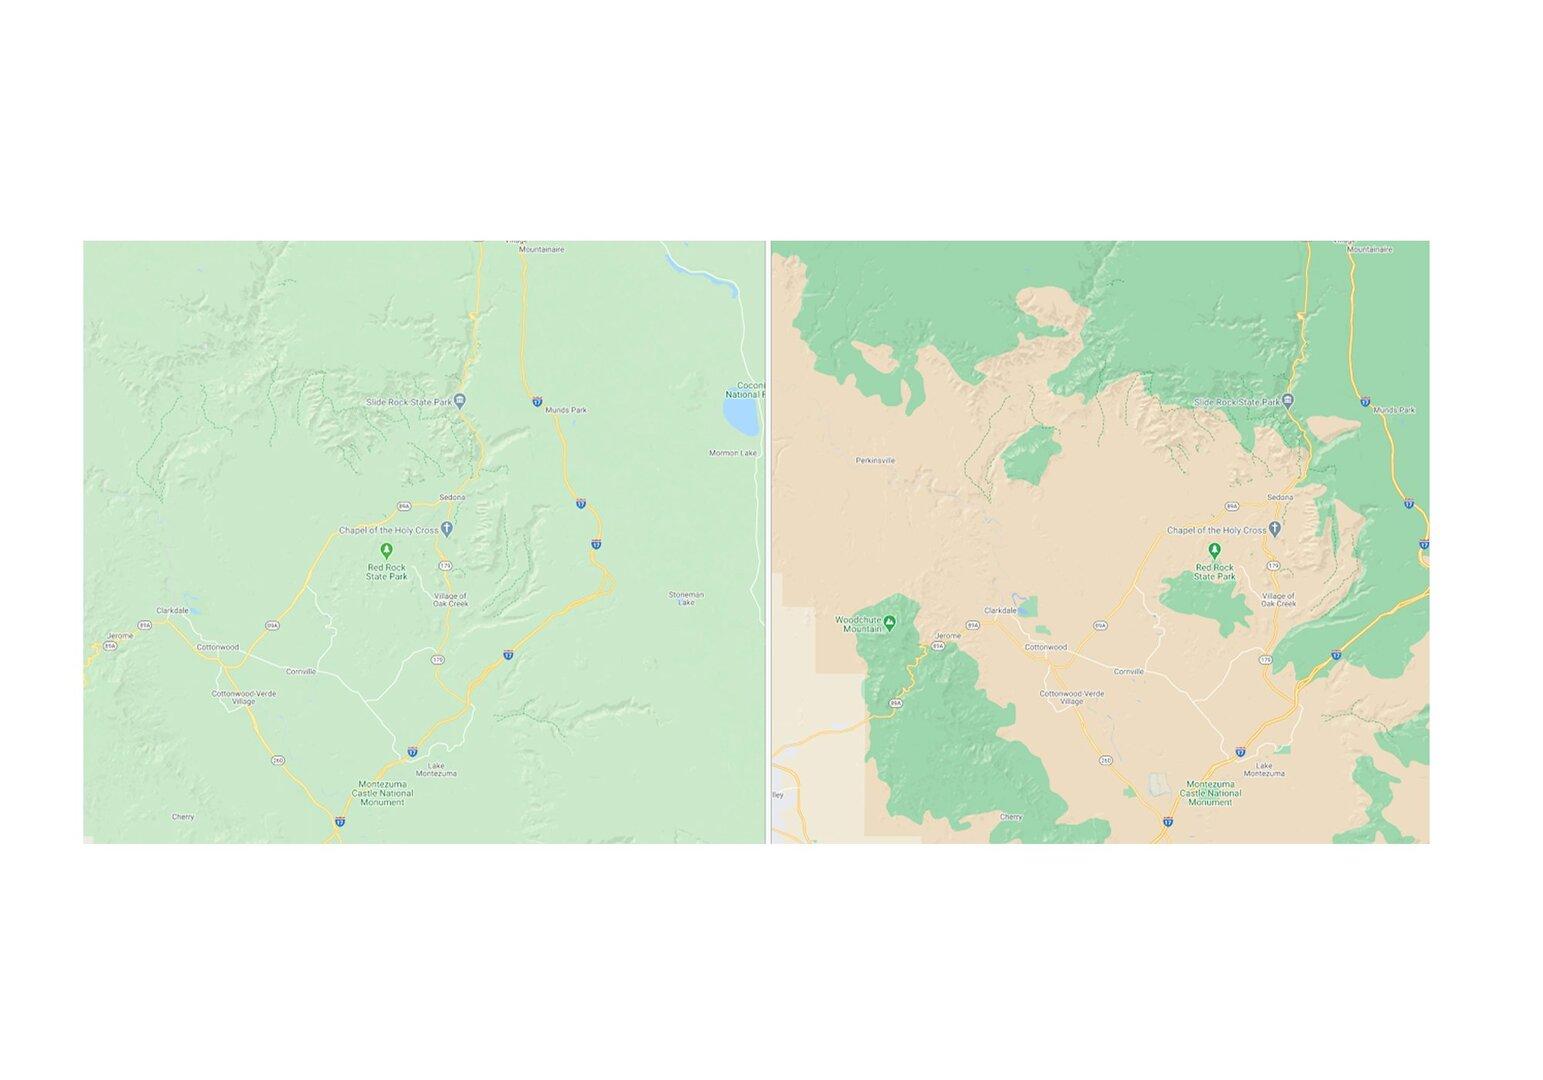 Neue Kartenansicht für Sedona, Arizona